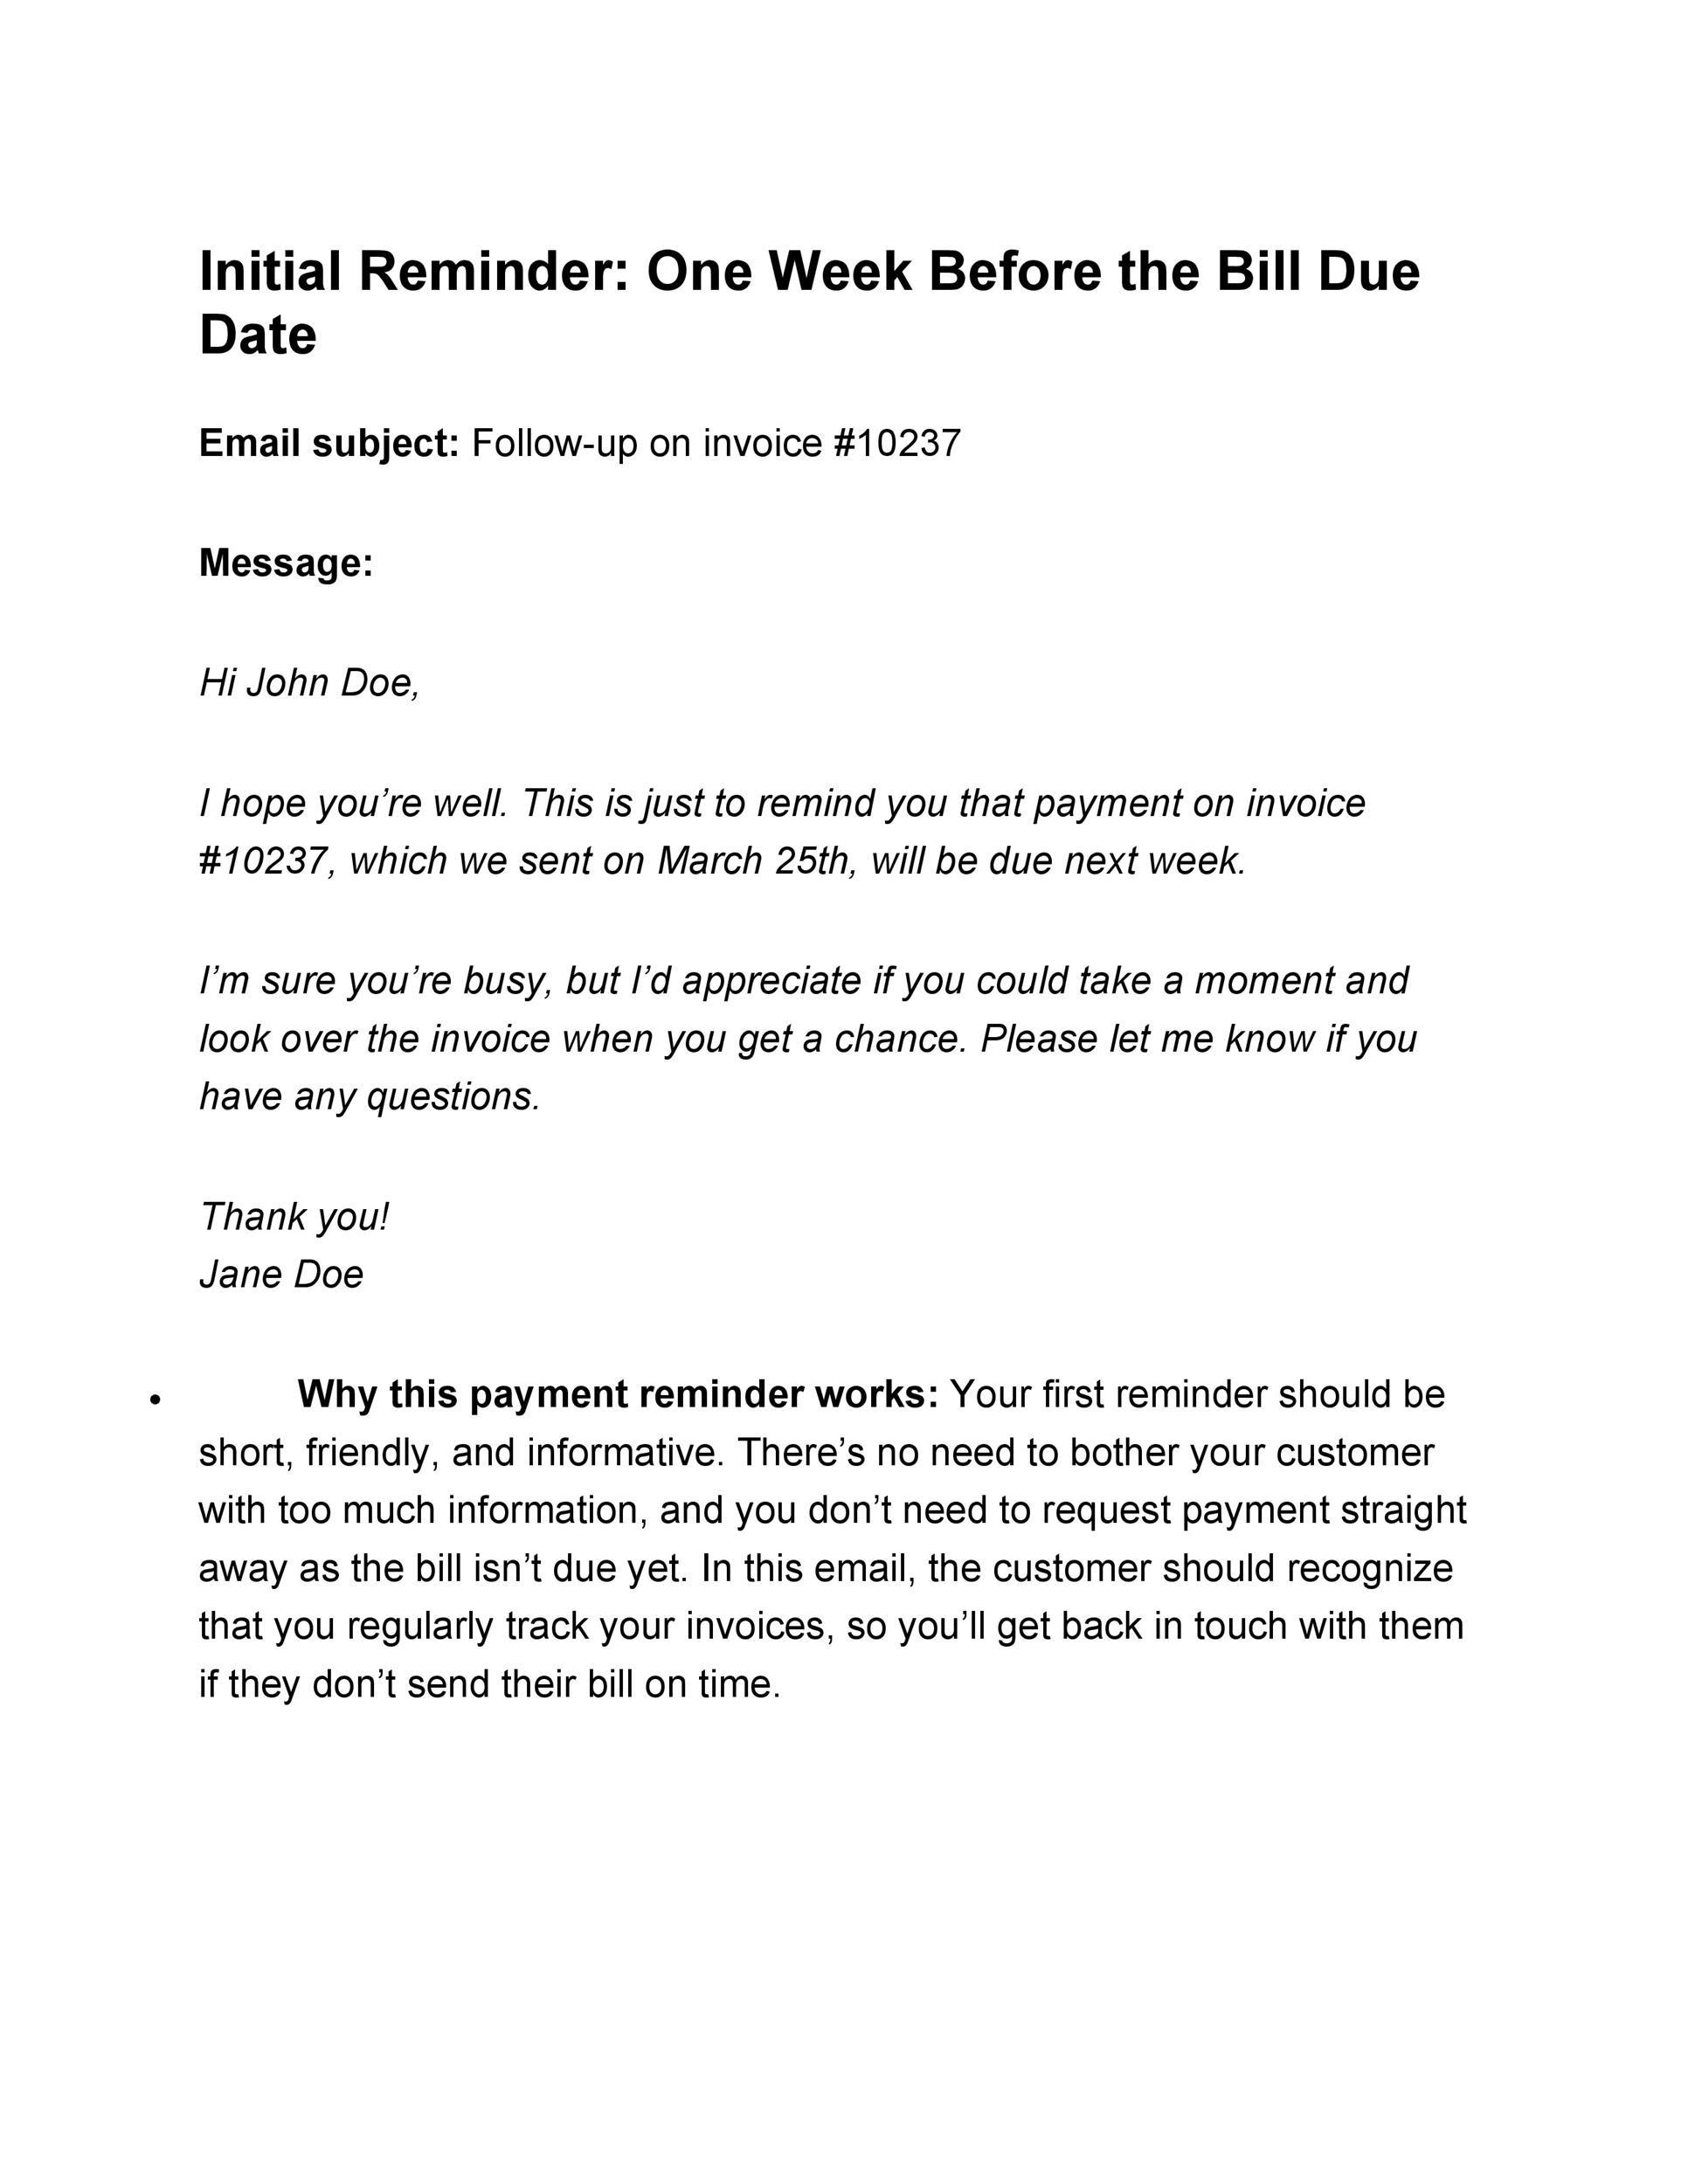 Free reminder email sample 28